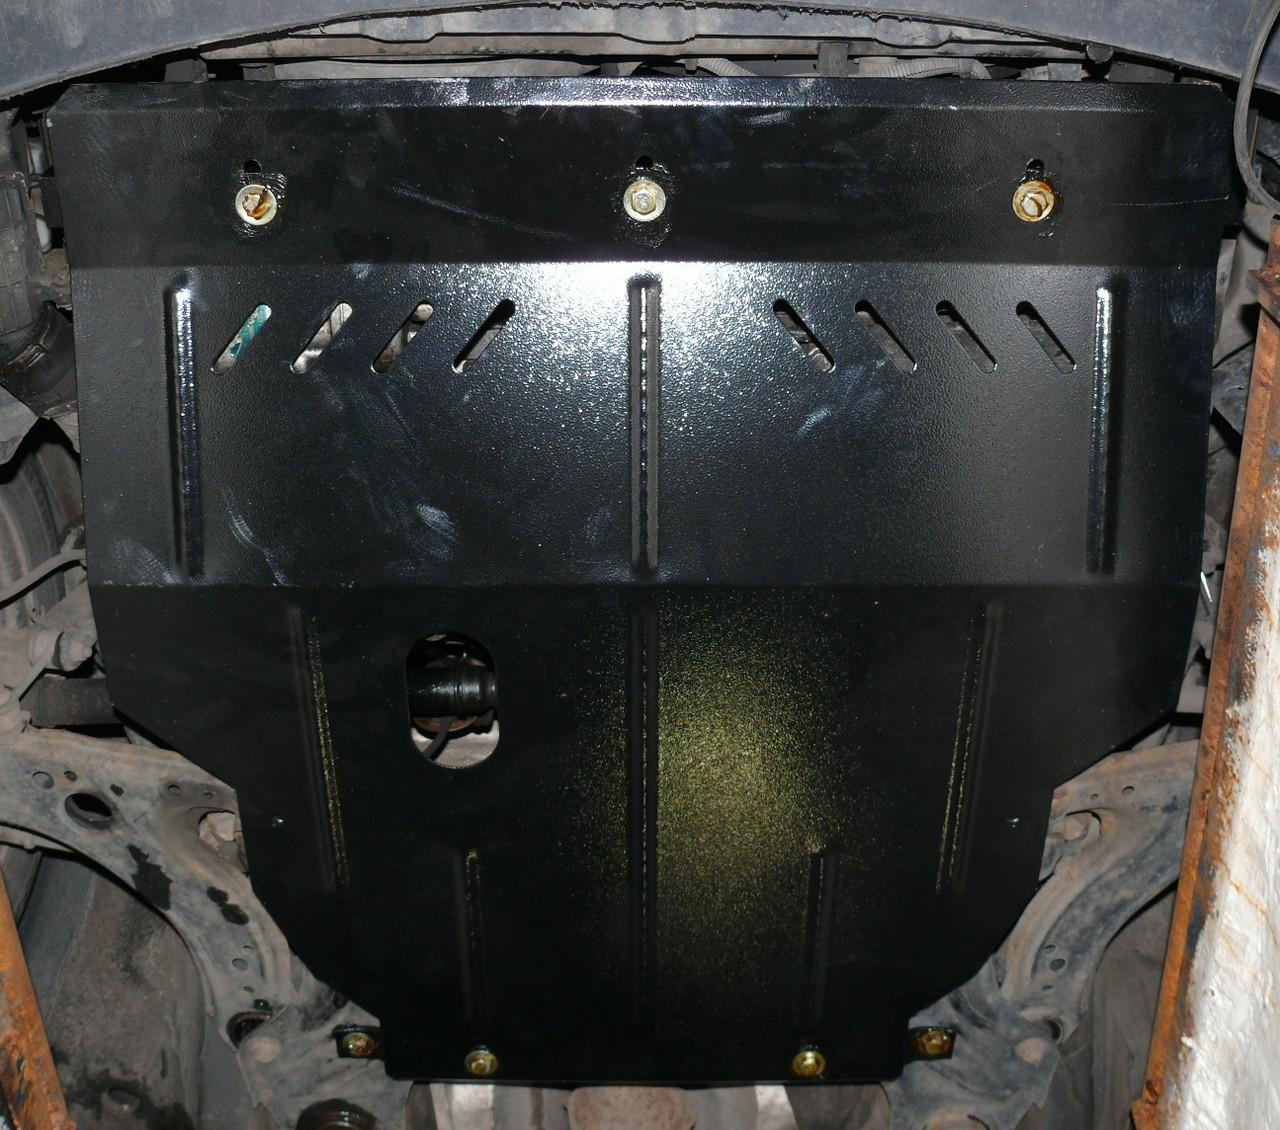 Захист картера двигуна) і Коробки передач на Citroen C3 II (2009-2016)